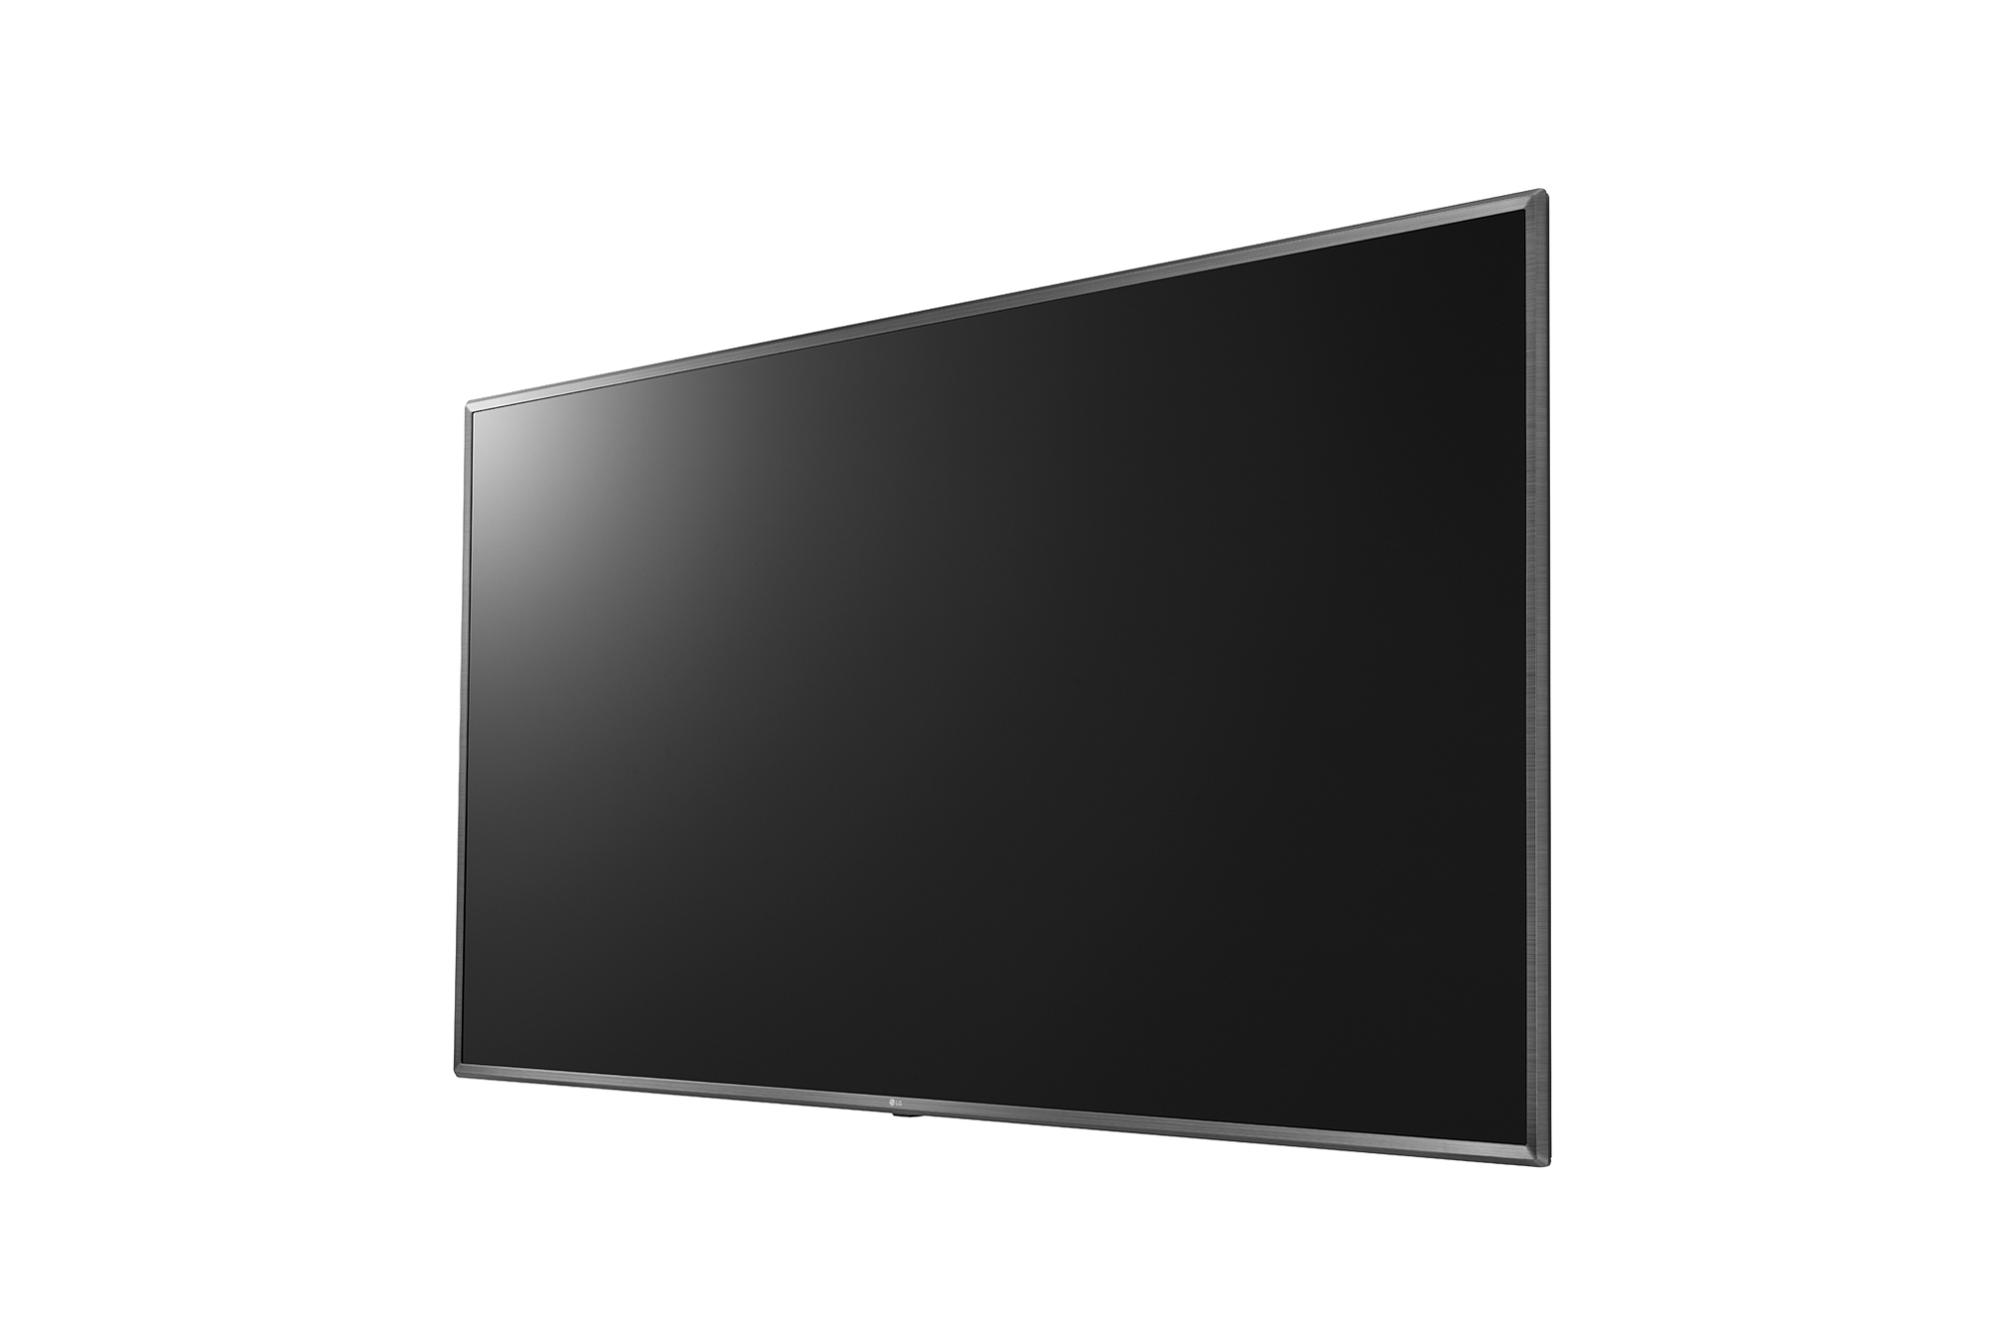 LG Standard Premium 86UL3G-B 4